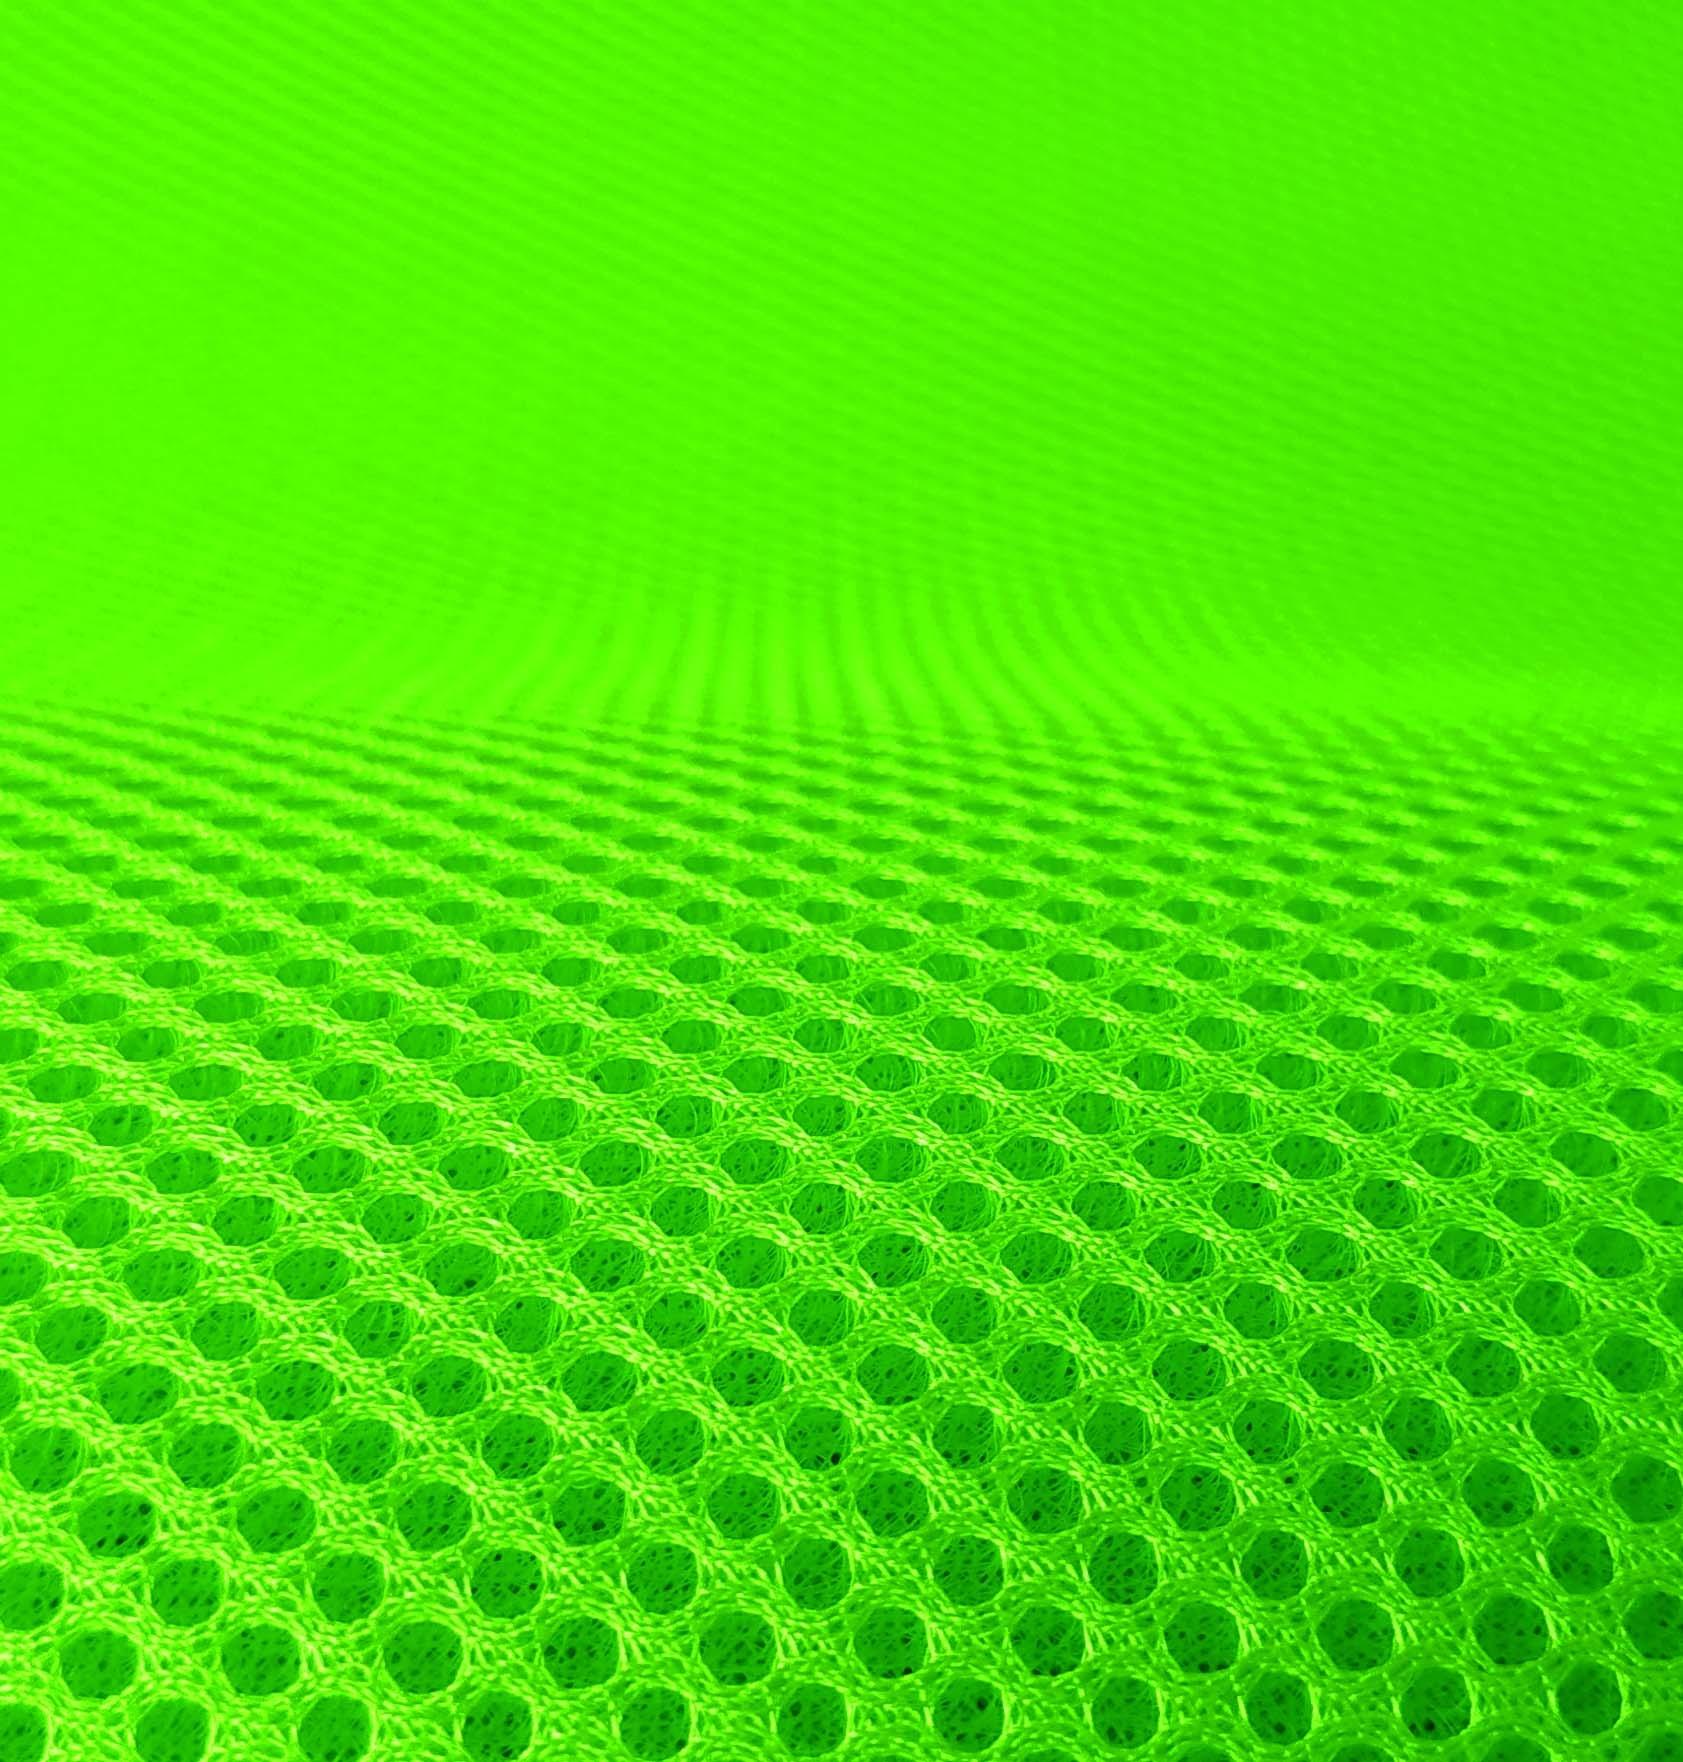 Lasagroom Air Mesh Tissu Vert Fluo 3,5mm